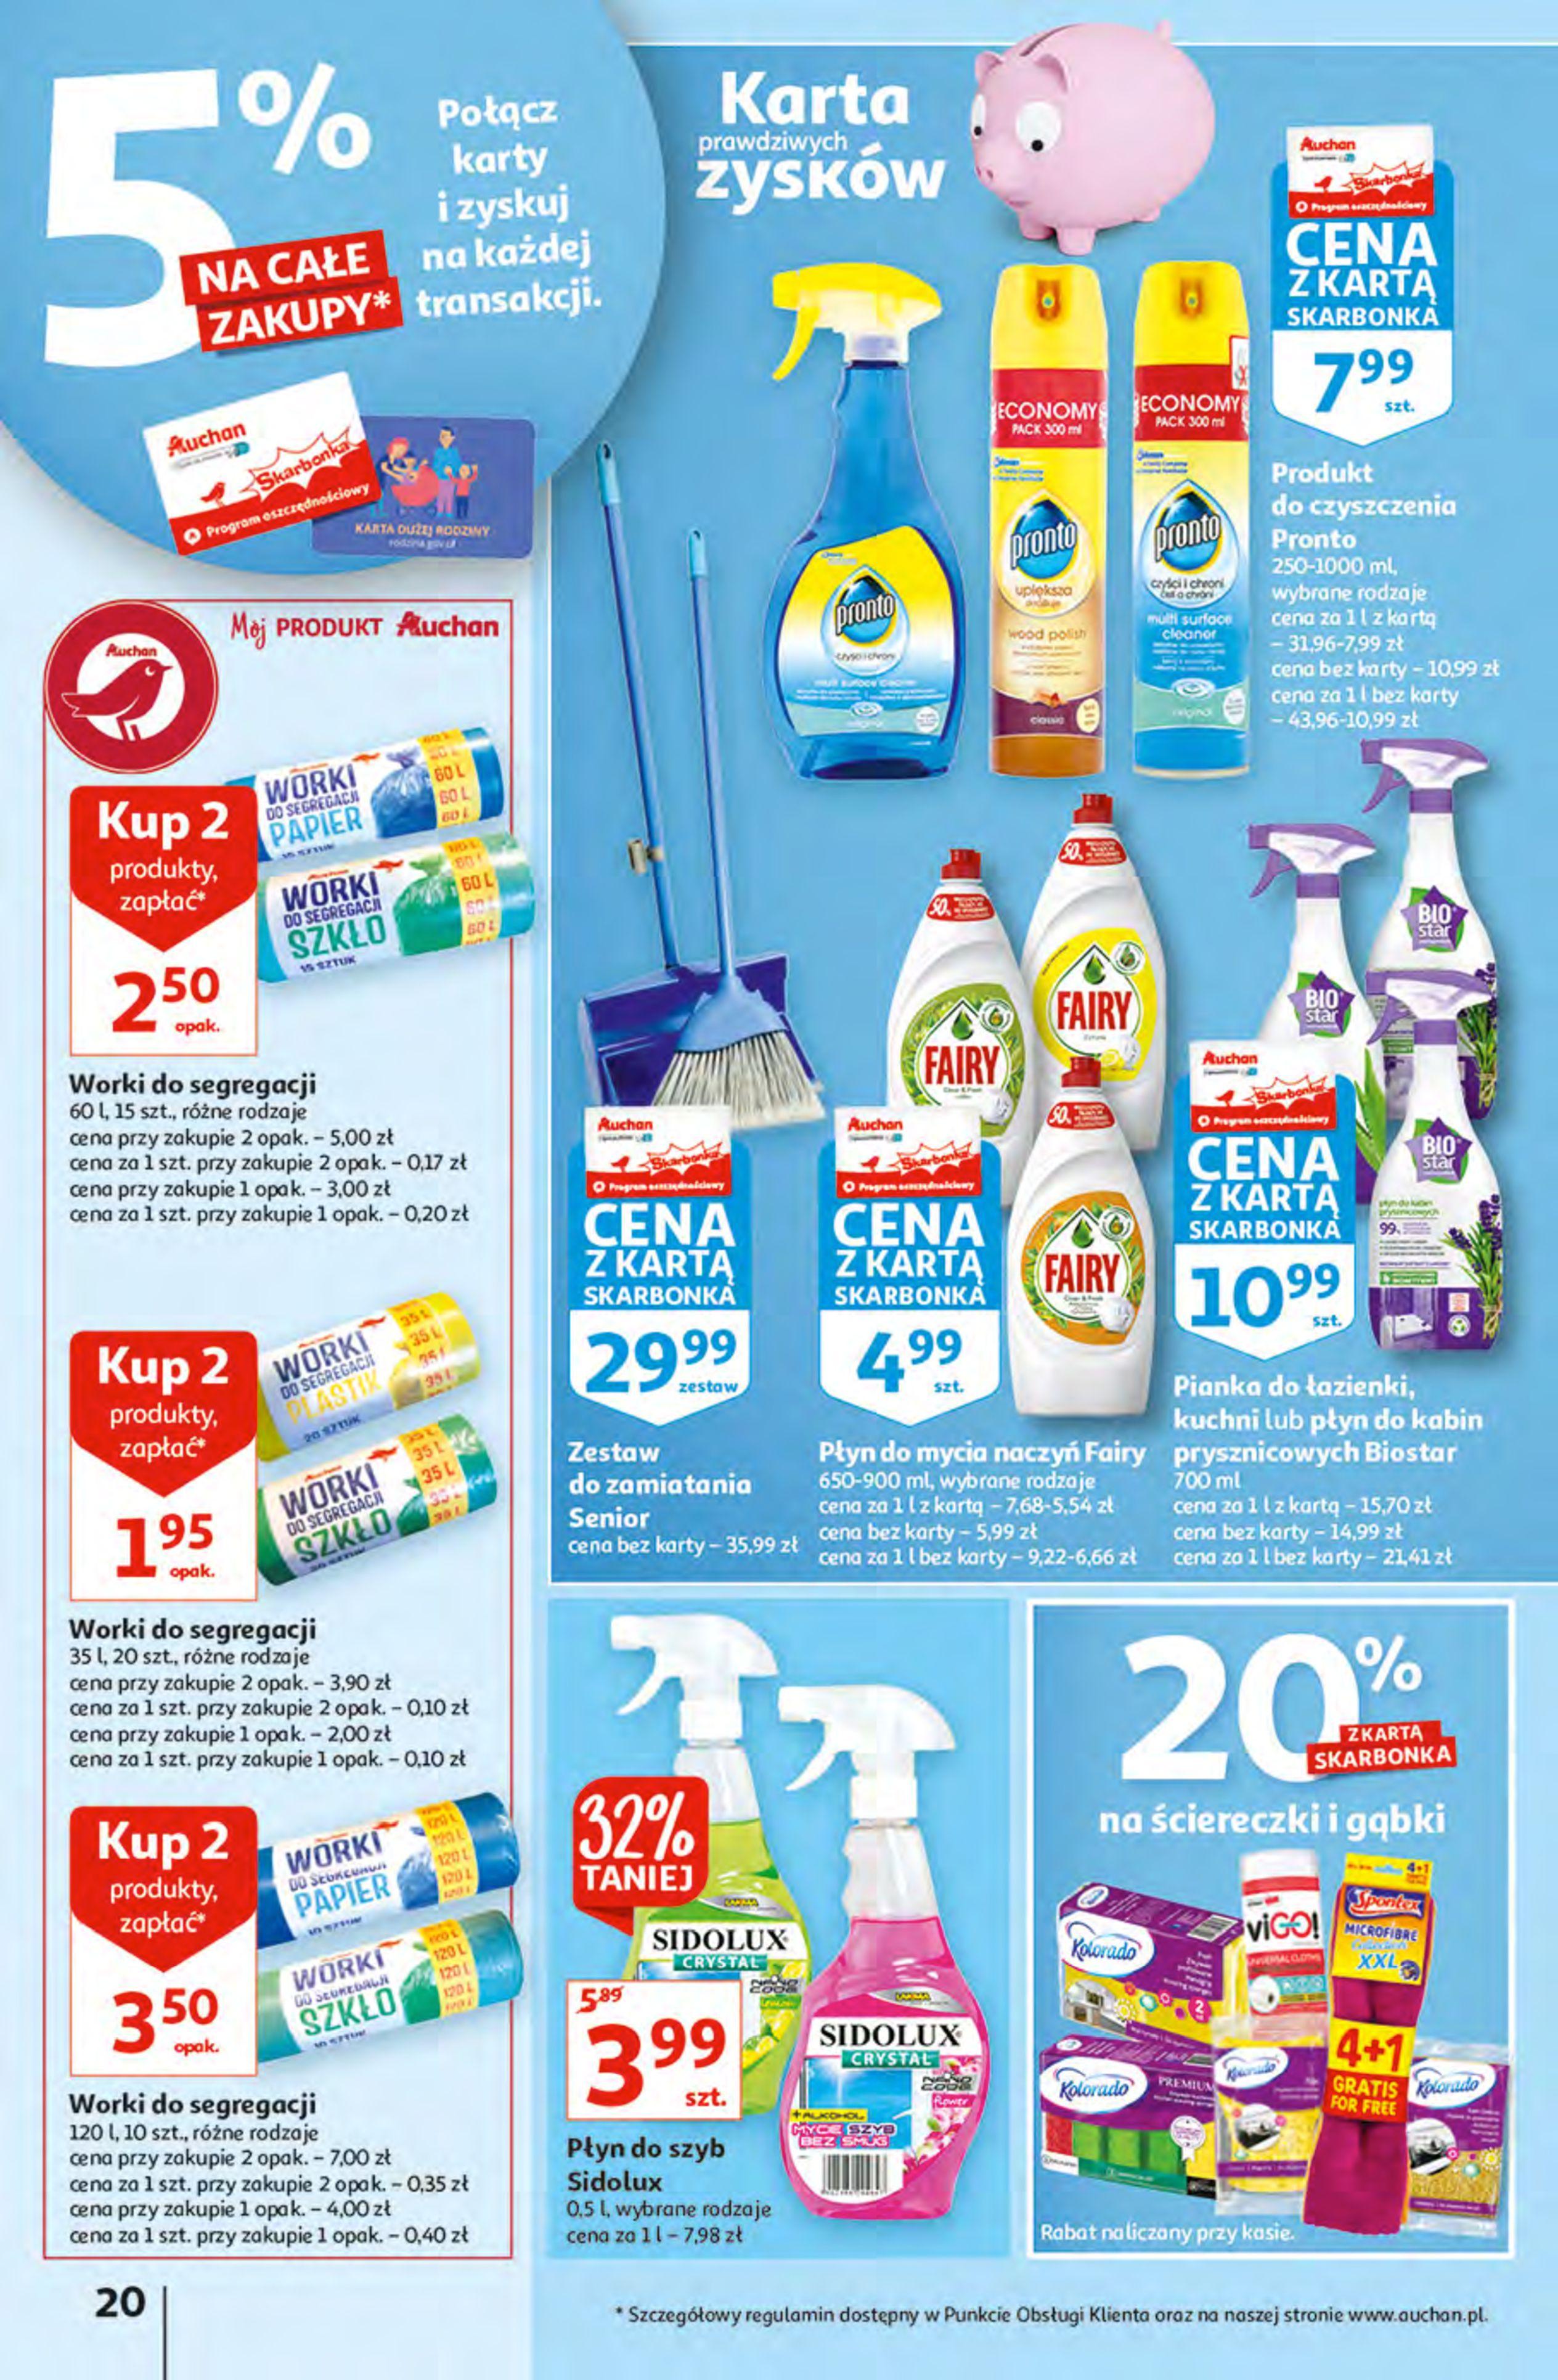 Gazetka Auchan: Gazetka Auchan - Hiperoszczędzanie z Kartą Skarbonka 2 Hipermarkety 2021-10-14 page-20